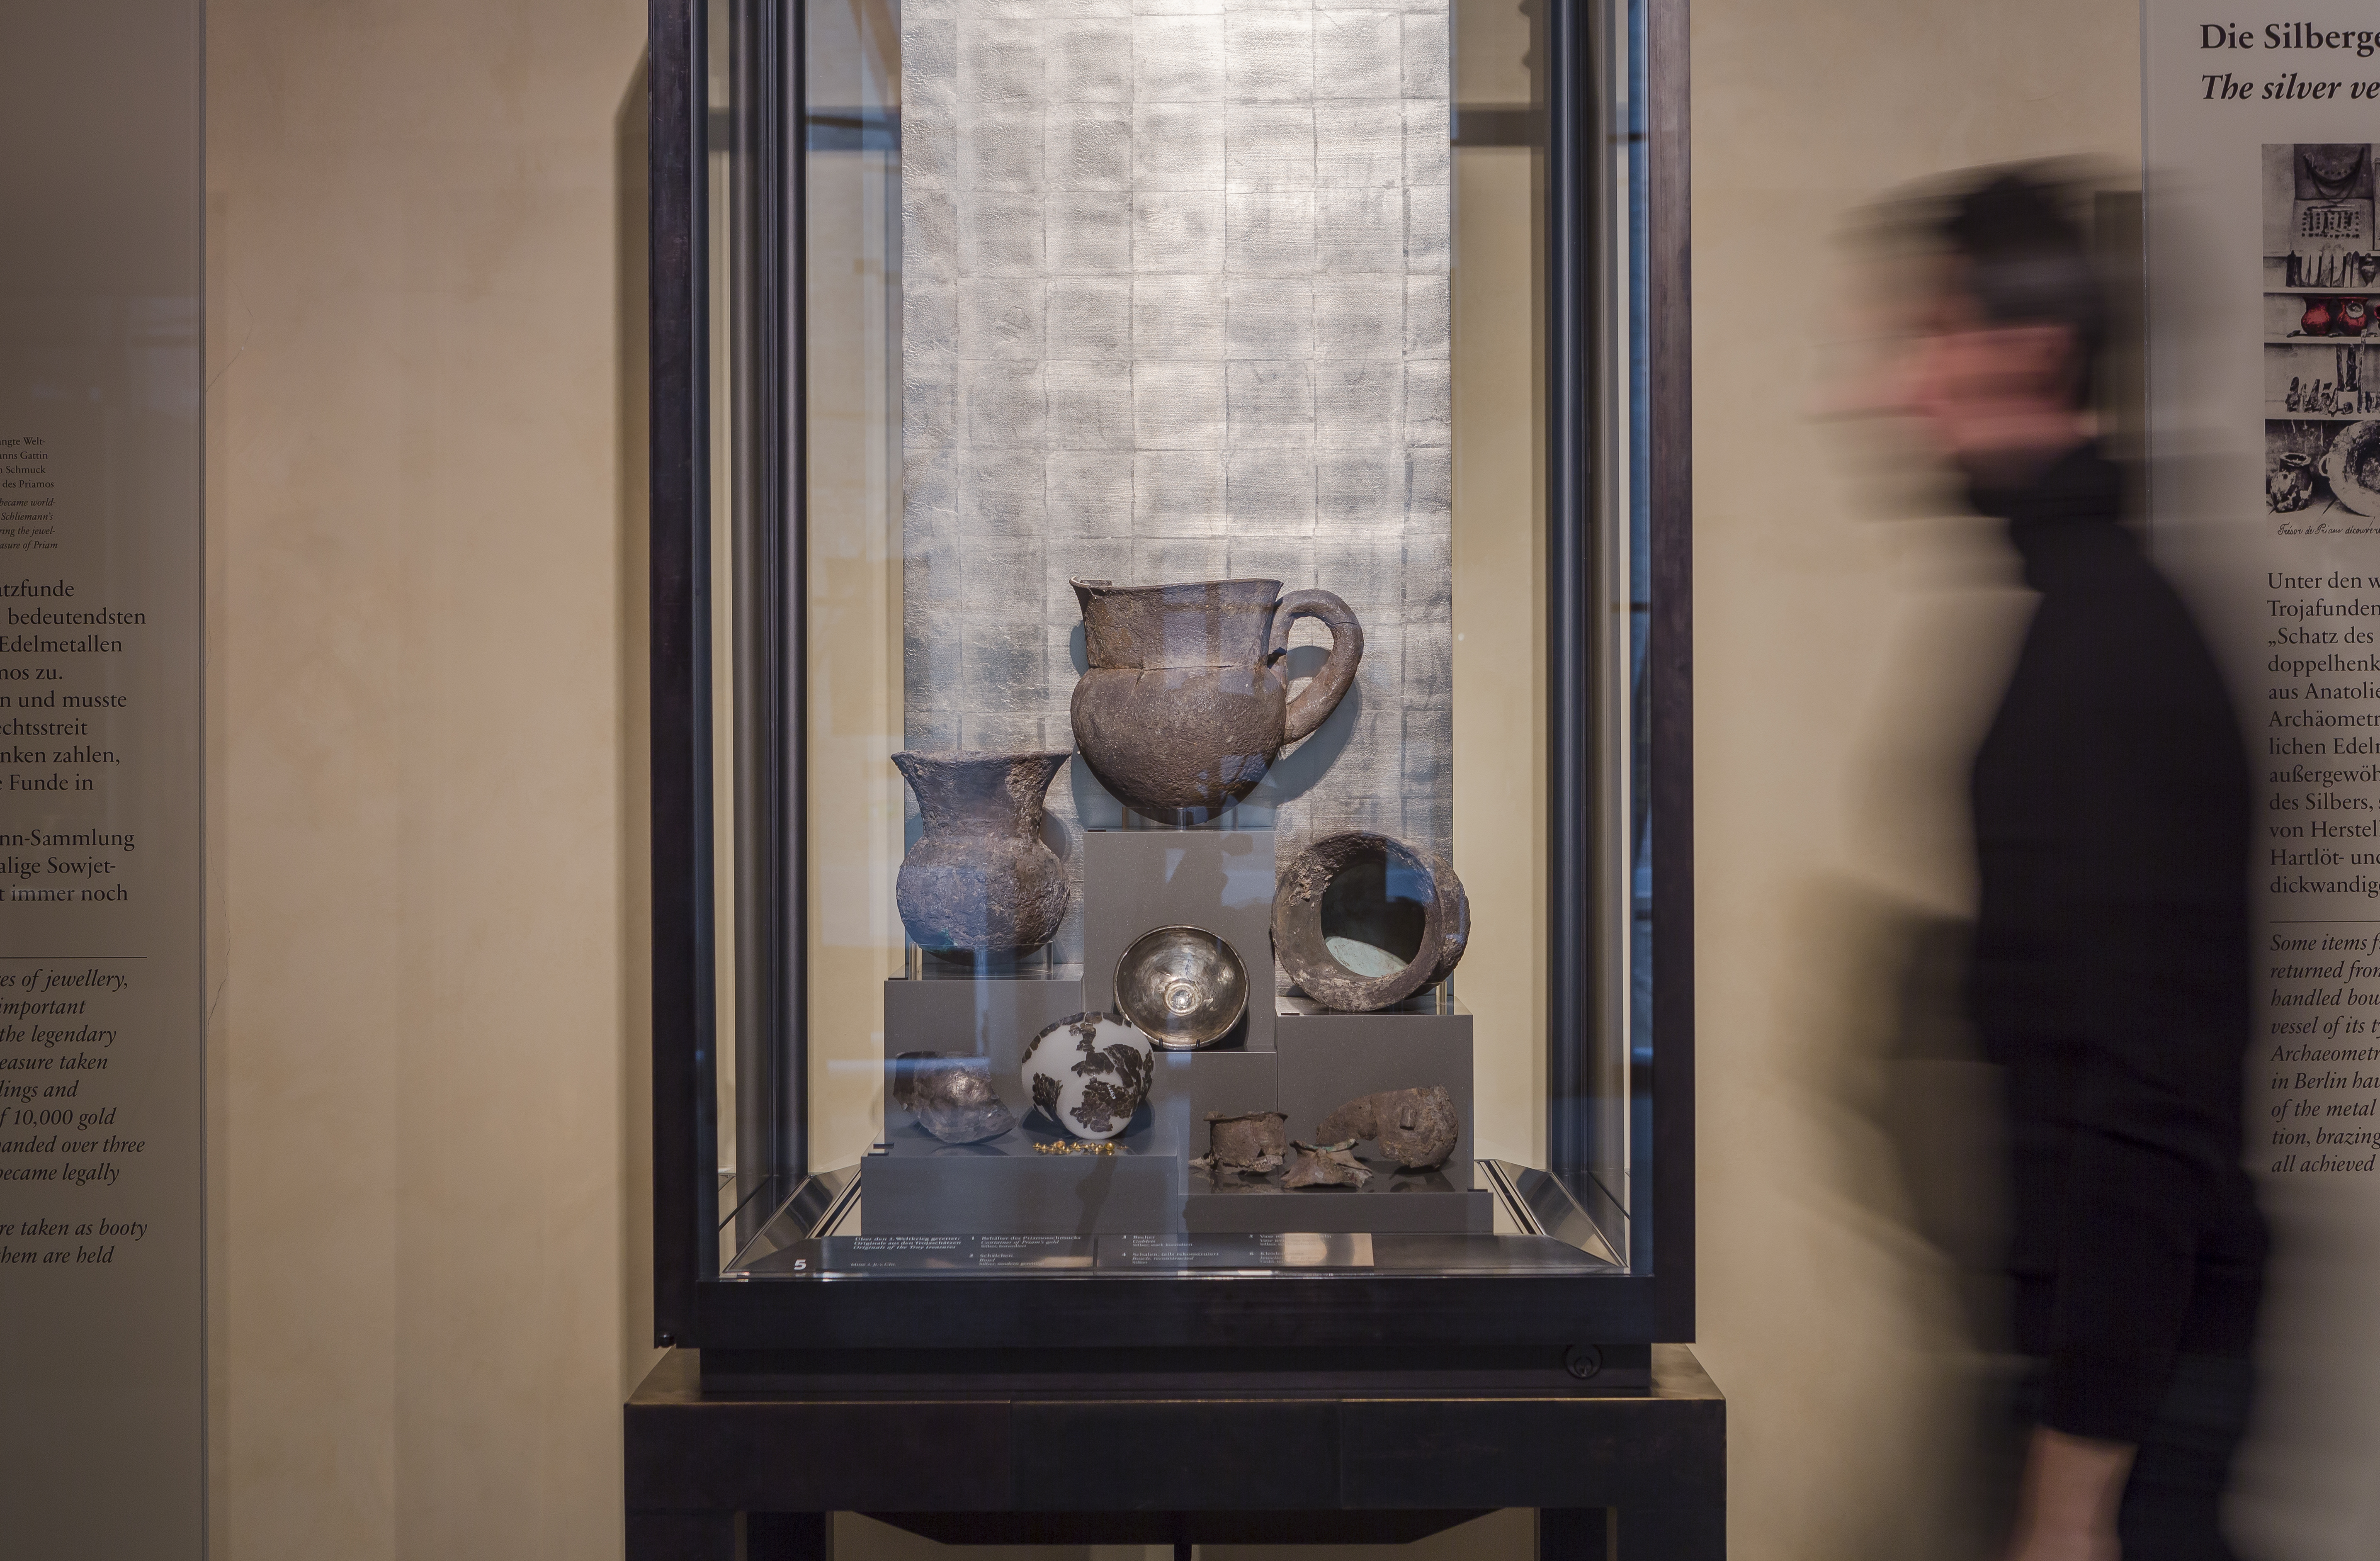 Objekte aus Heinrich Schliemanns Troja-Grabung befinden sich bis heute im Museum für Vor- und Frühgeschichte im Neuen Museum. © Staatliche Museen zu Berlin / David von Becker